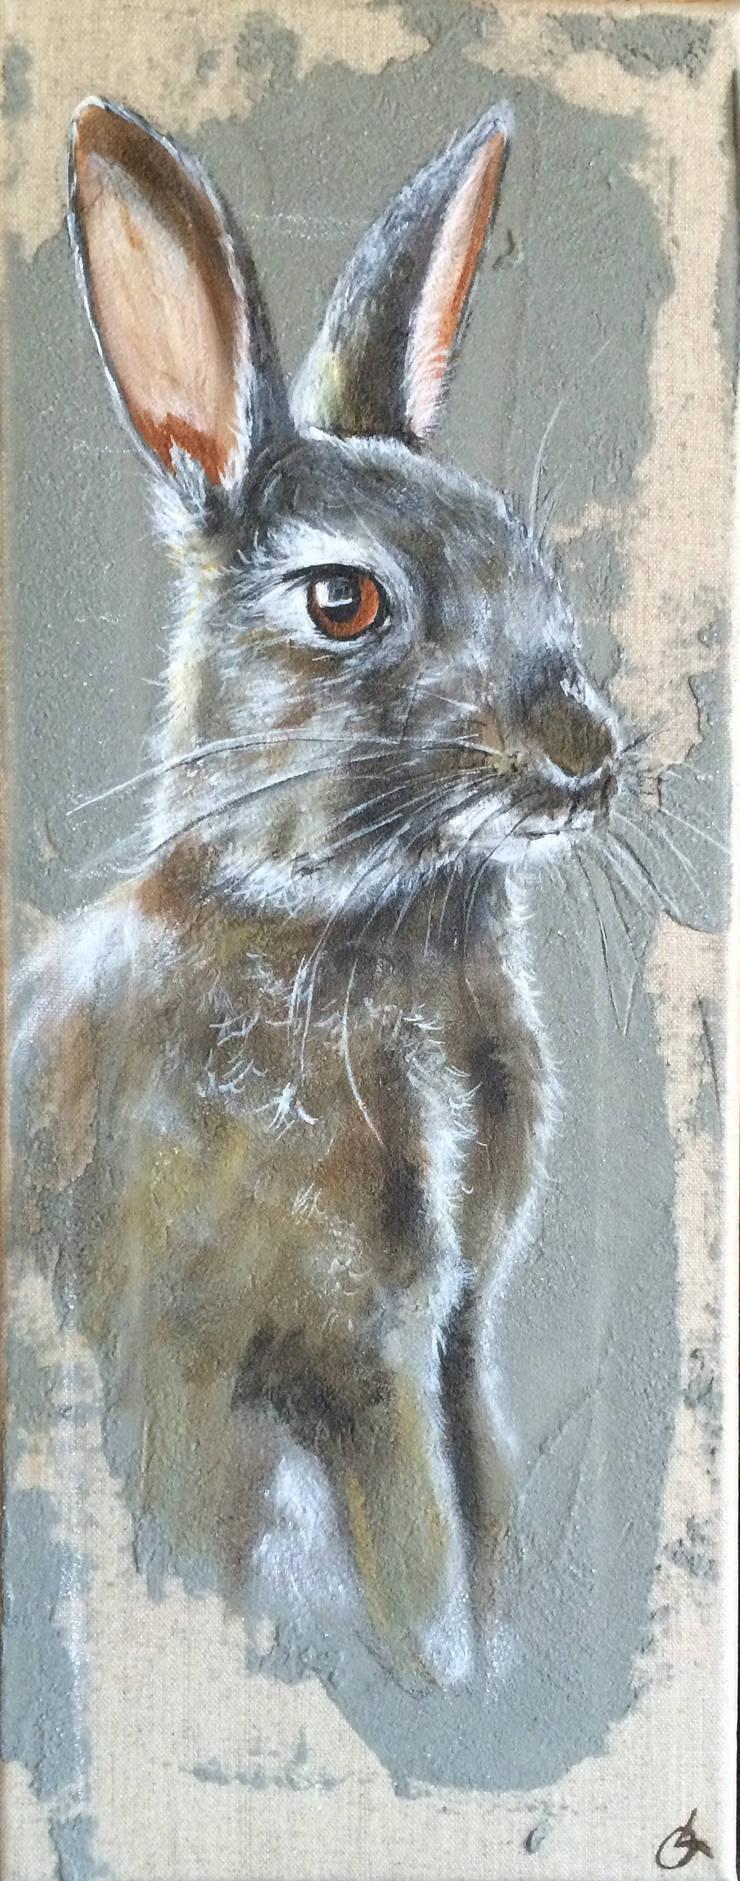 Lapin fond gris par Odile Laresche Artiste Peintre Animalier Éclectique